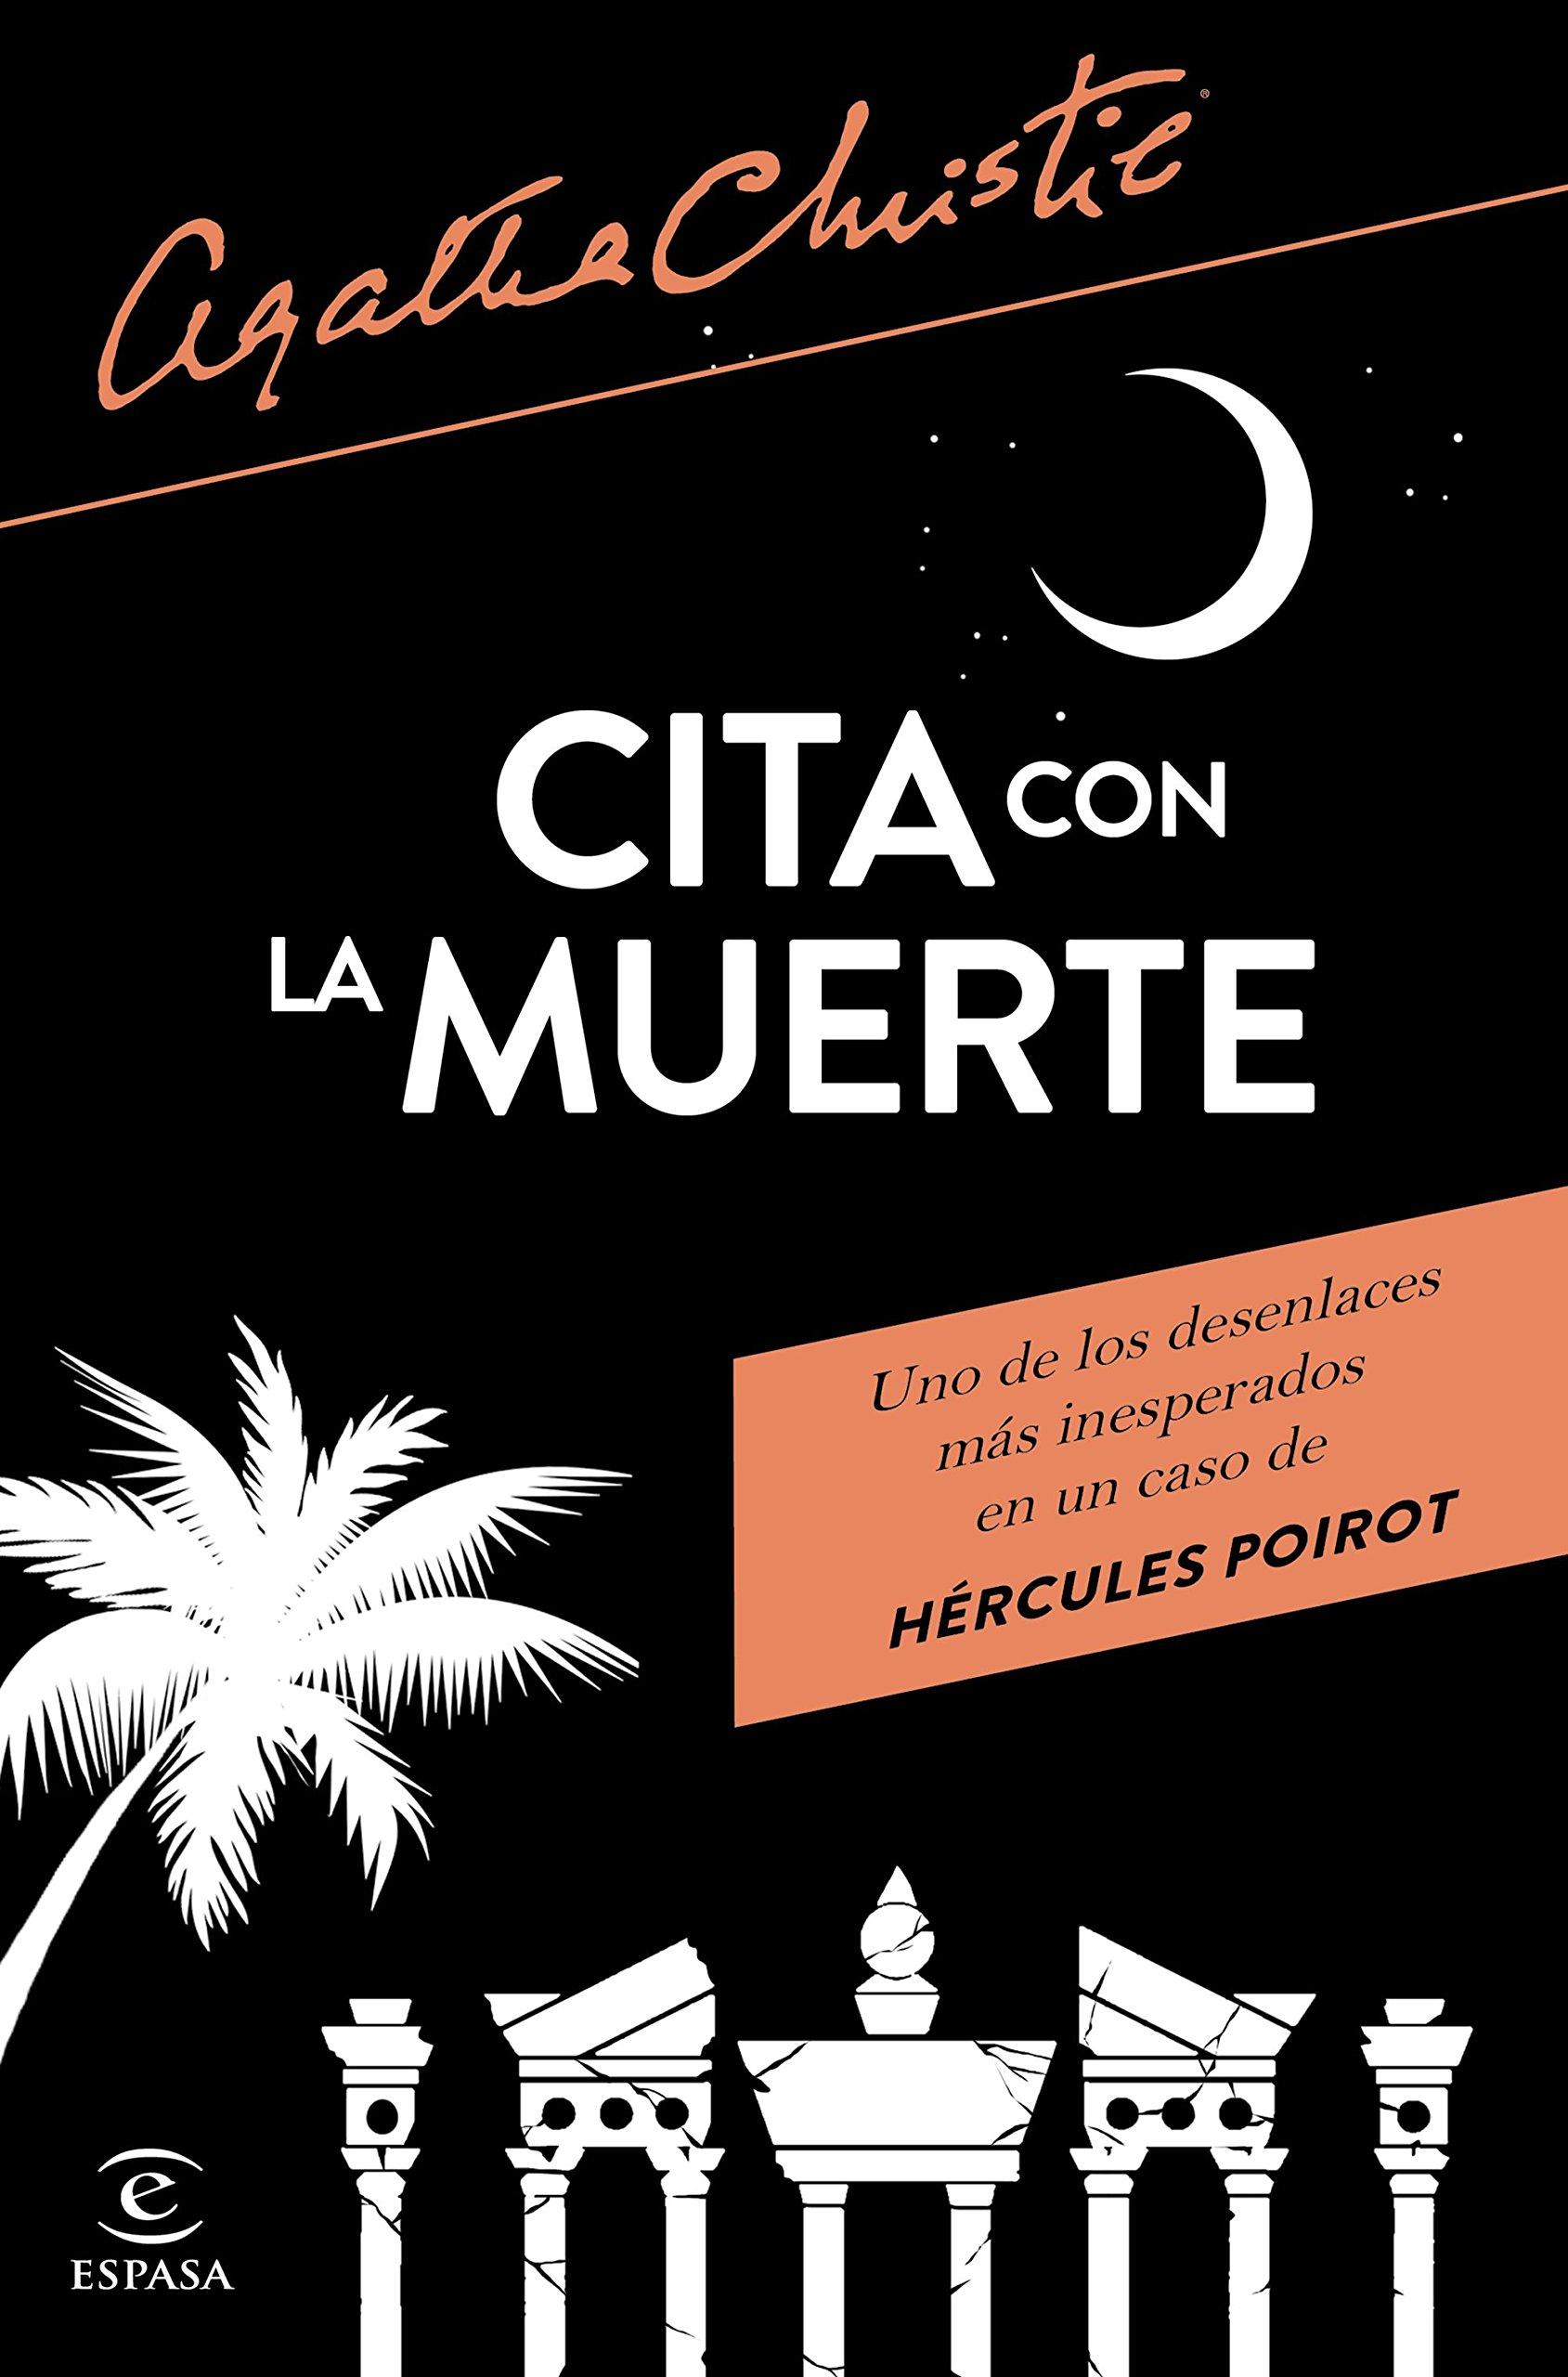 Cita con la muerte (Espasa Narrativa): Amazon.es: Agatha Christie, José  Mallorquí Figuerola: Libros